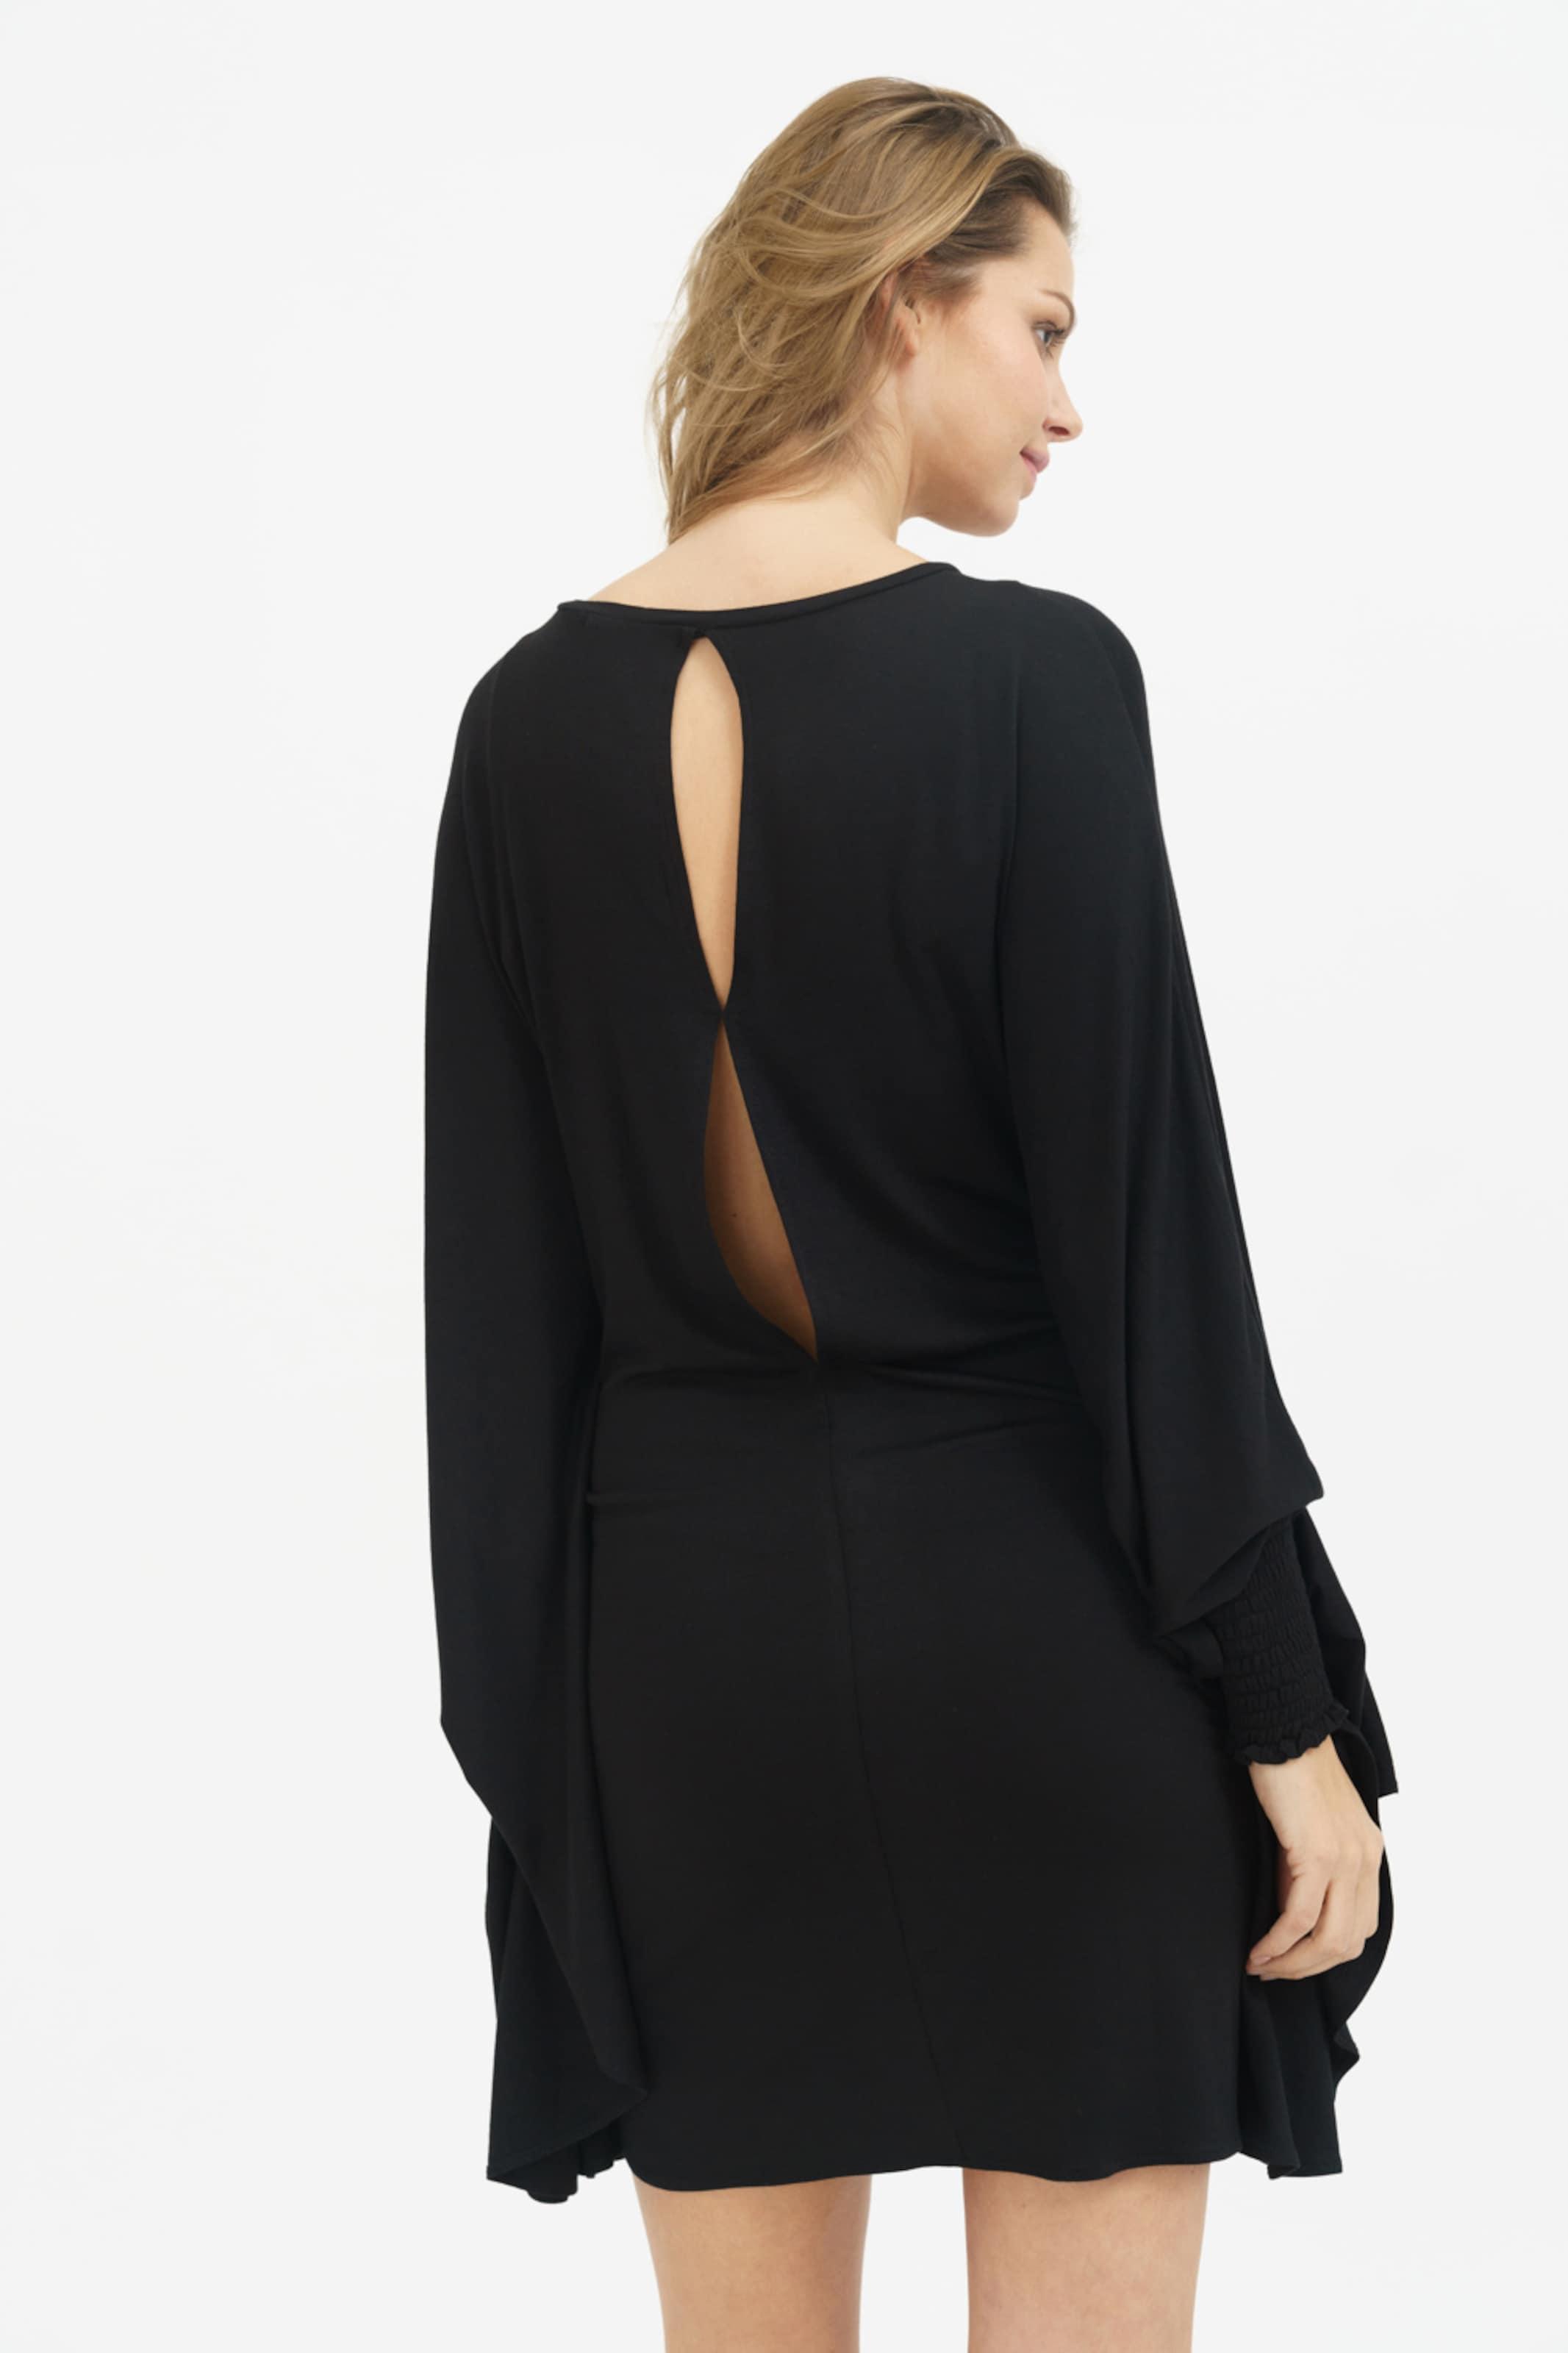 Kleid Schwarz Kleid 'kayla' 'kayla' In In Trueprodigy Schwarz Trueprodigy nwN0ZPOk8X